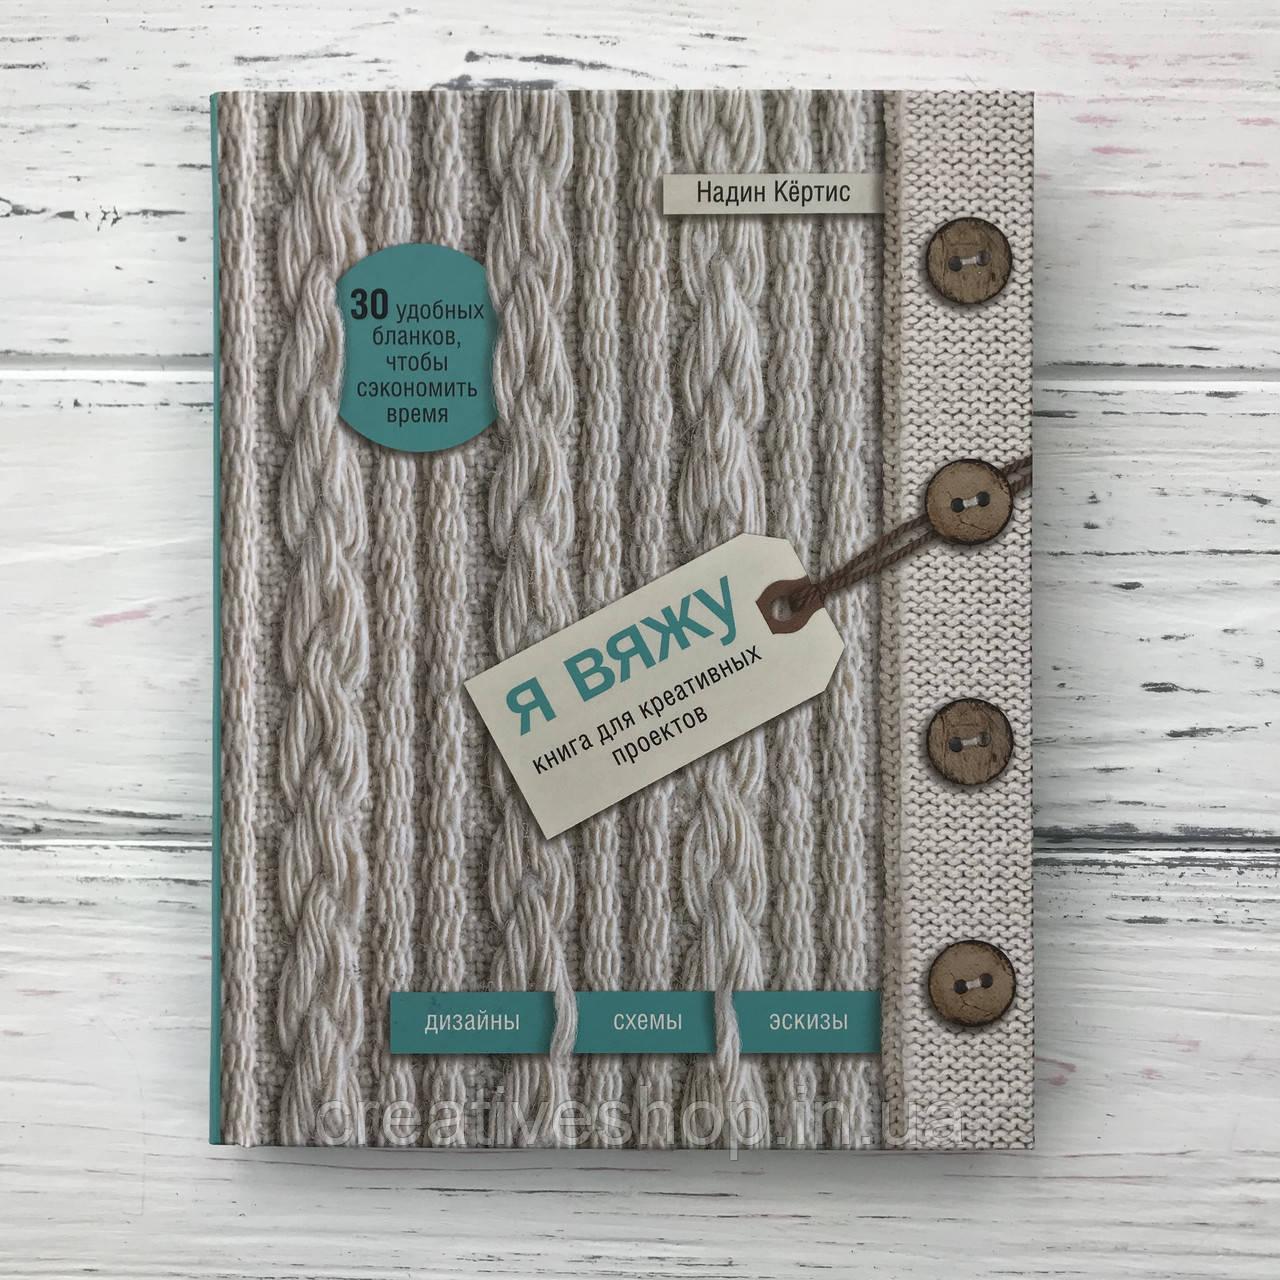 Я вяжу. Книга для креативных проектов. Дизайны. Схемы. Эскизы. Узоры